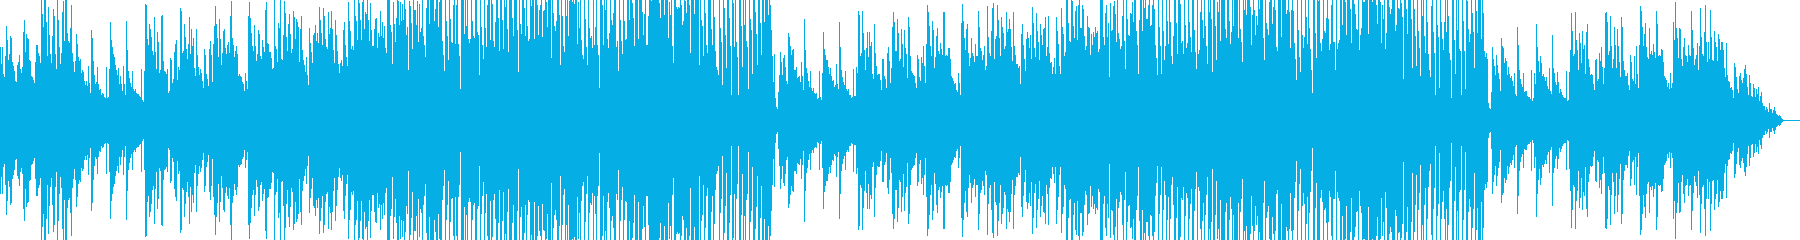 ポップに展開していく明るめの曲の再生済みの波形